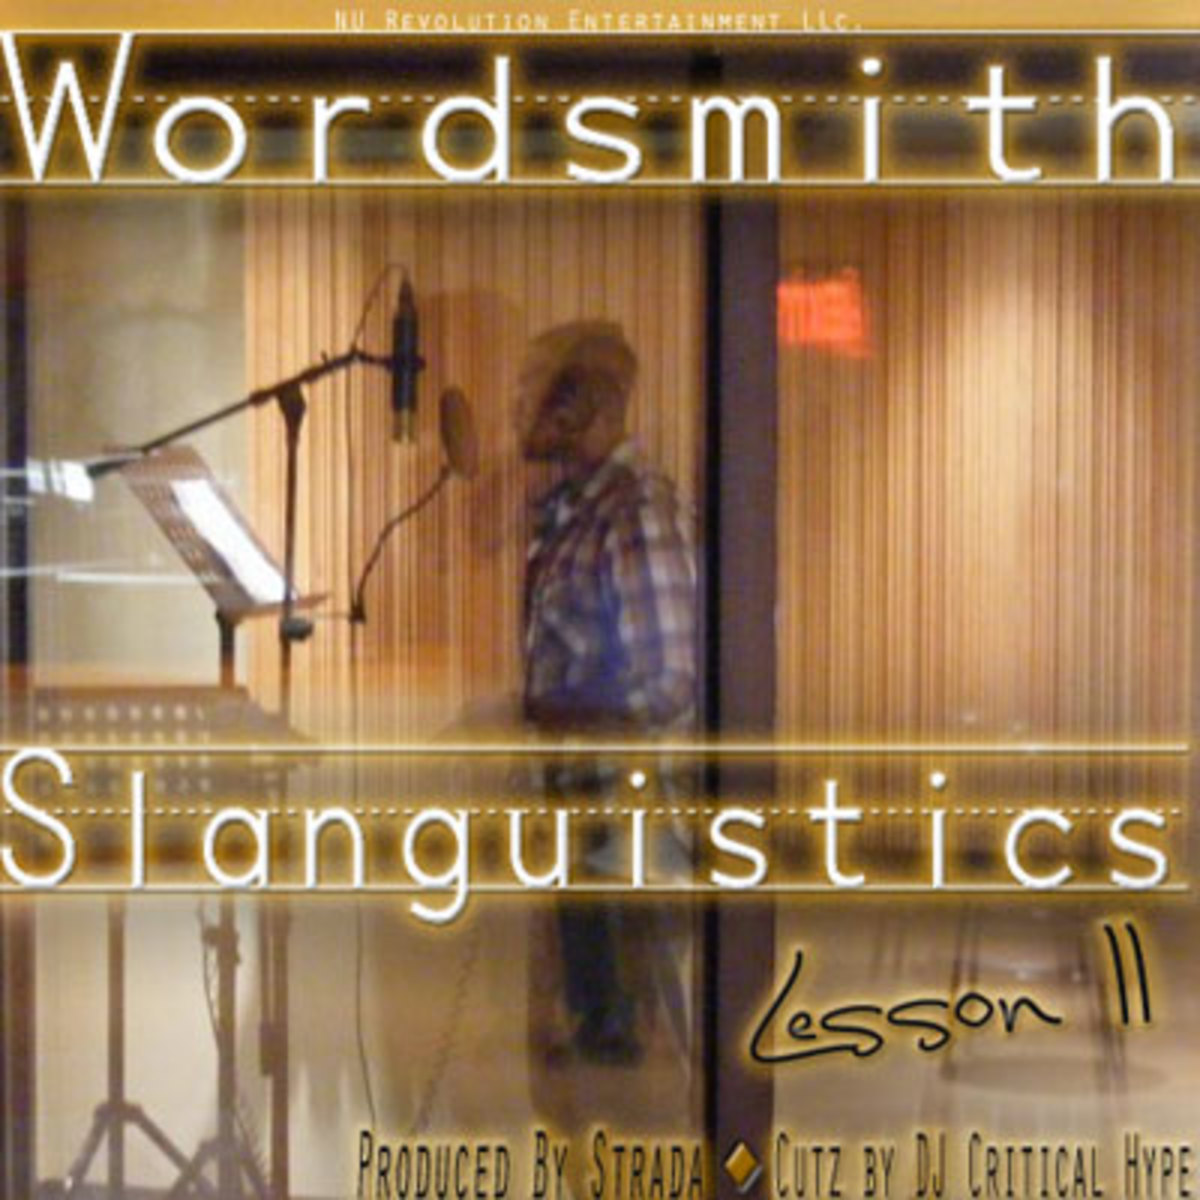 wordsmith-slanguistics.jpg